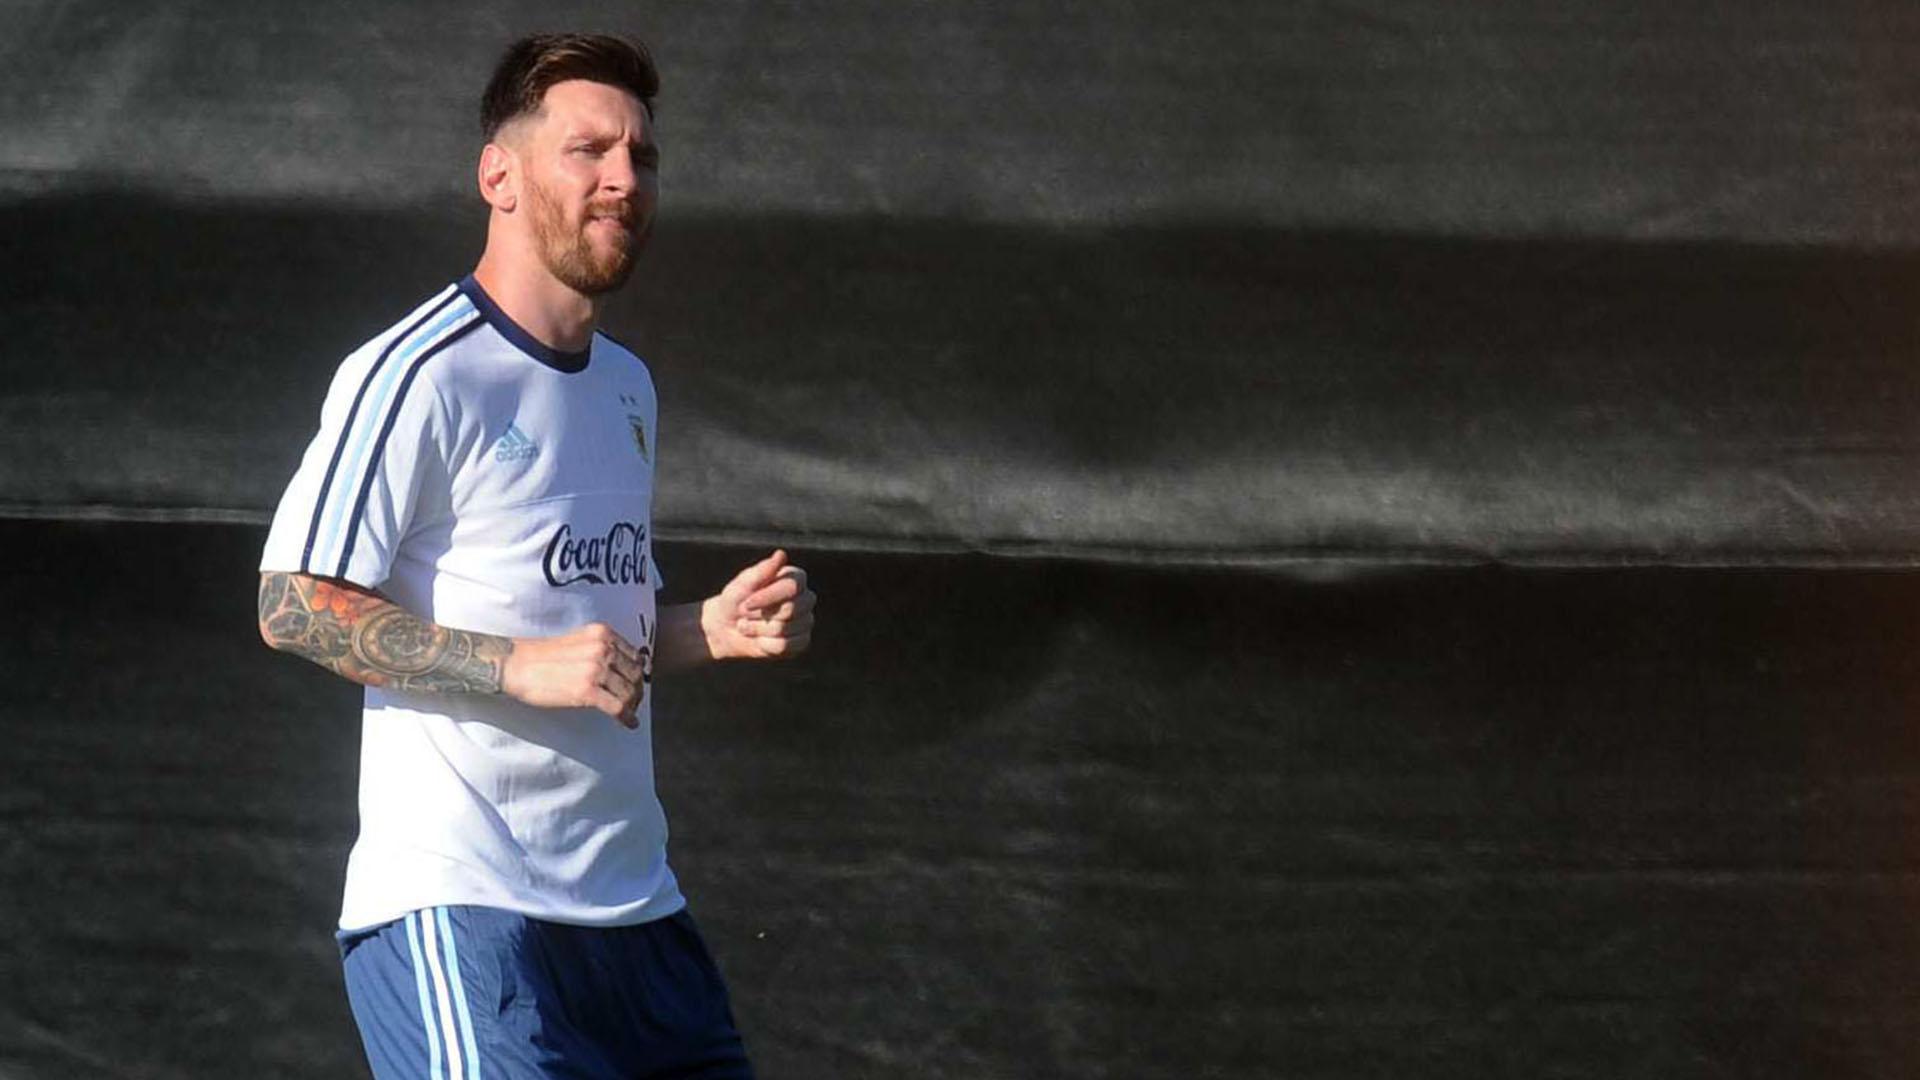 Copa America, gruppo D: primi 3 punti per Argentina e Panama